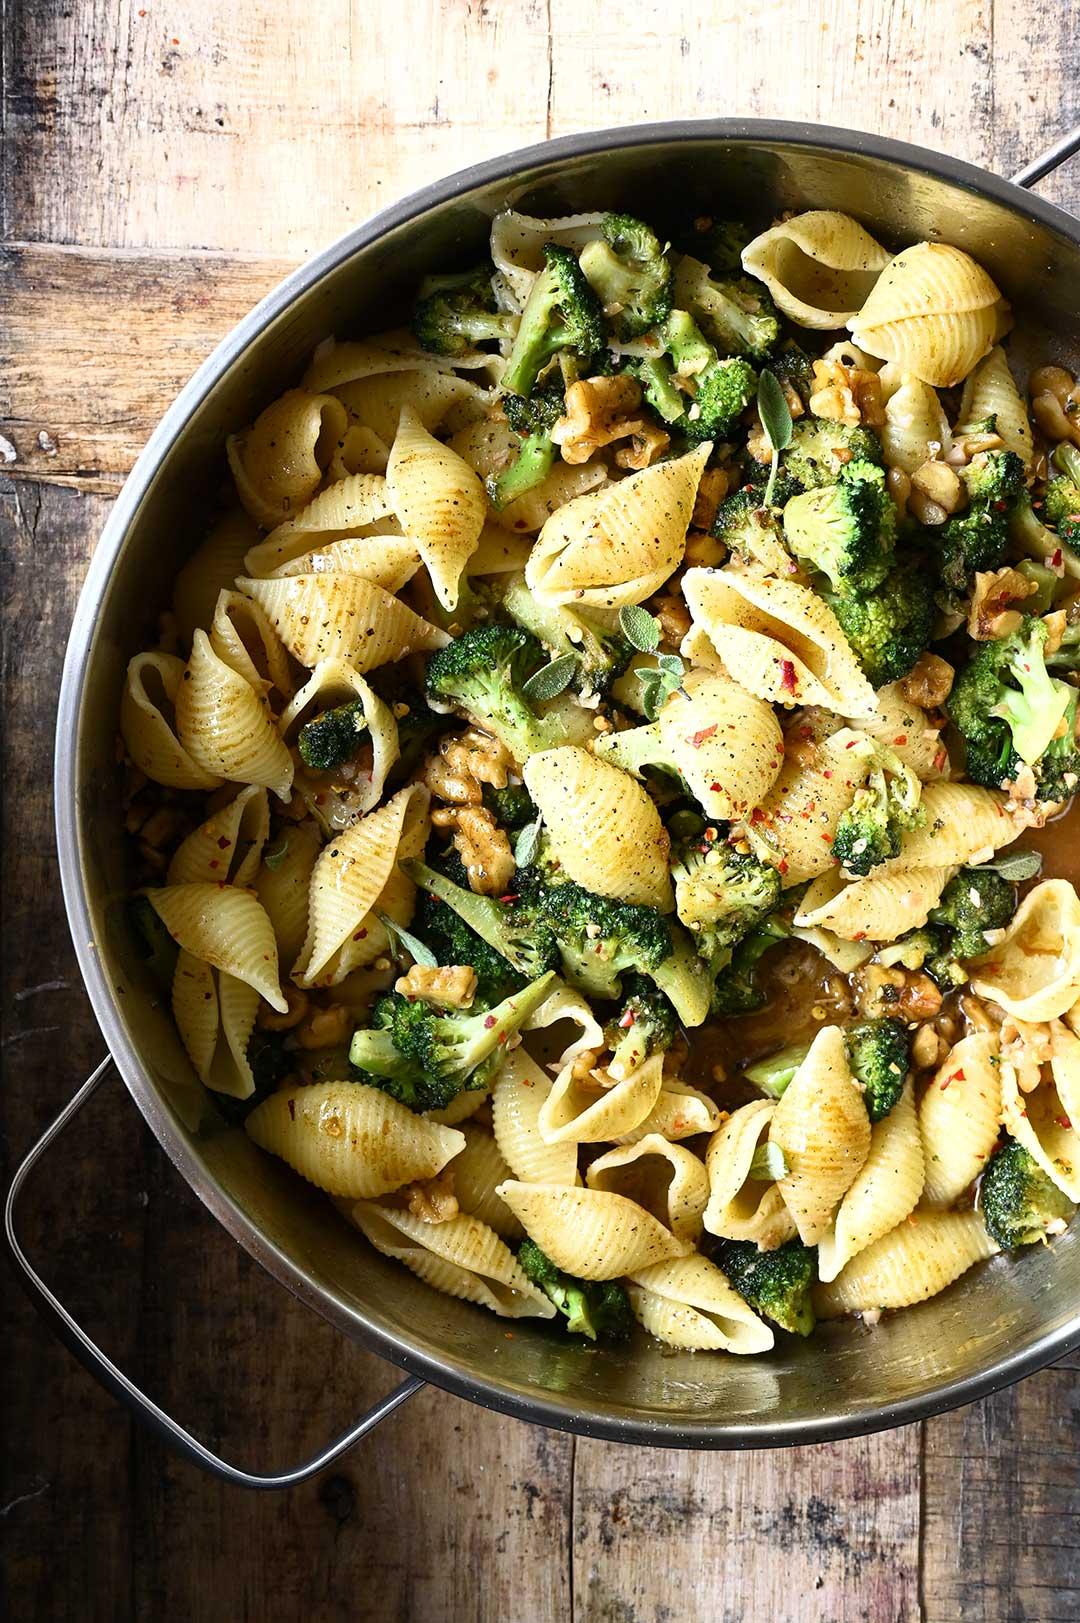 serving dumplings | Pasta met beurre noisette, broccoli en walnoten